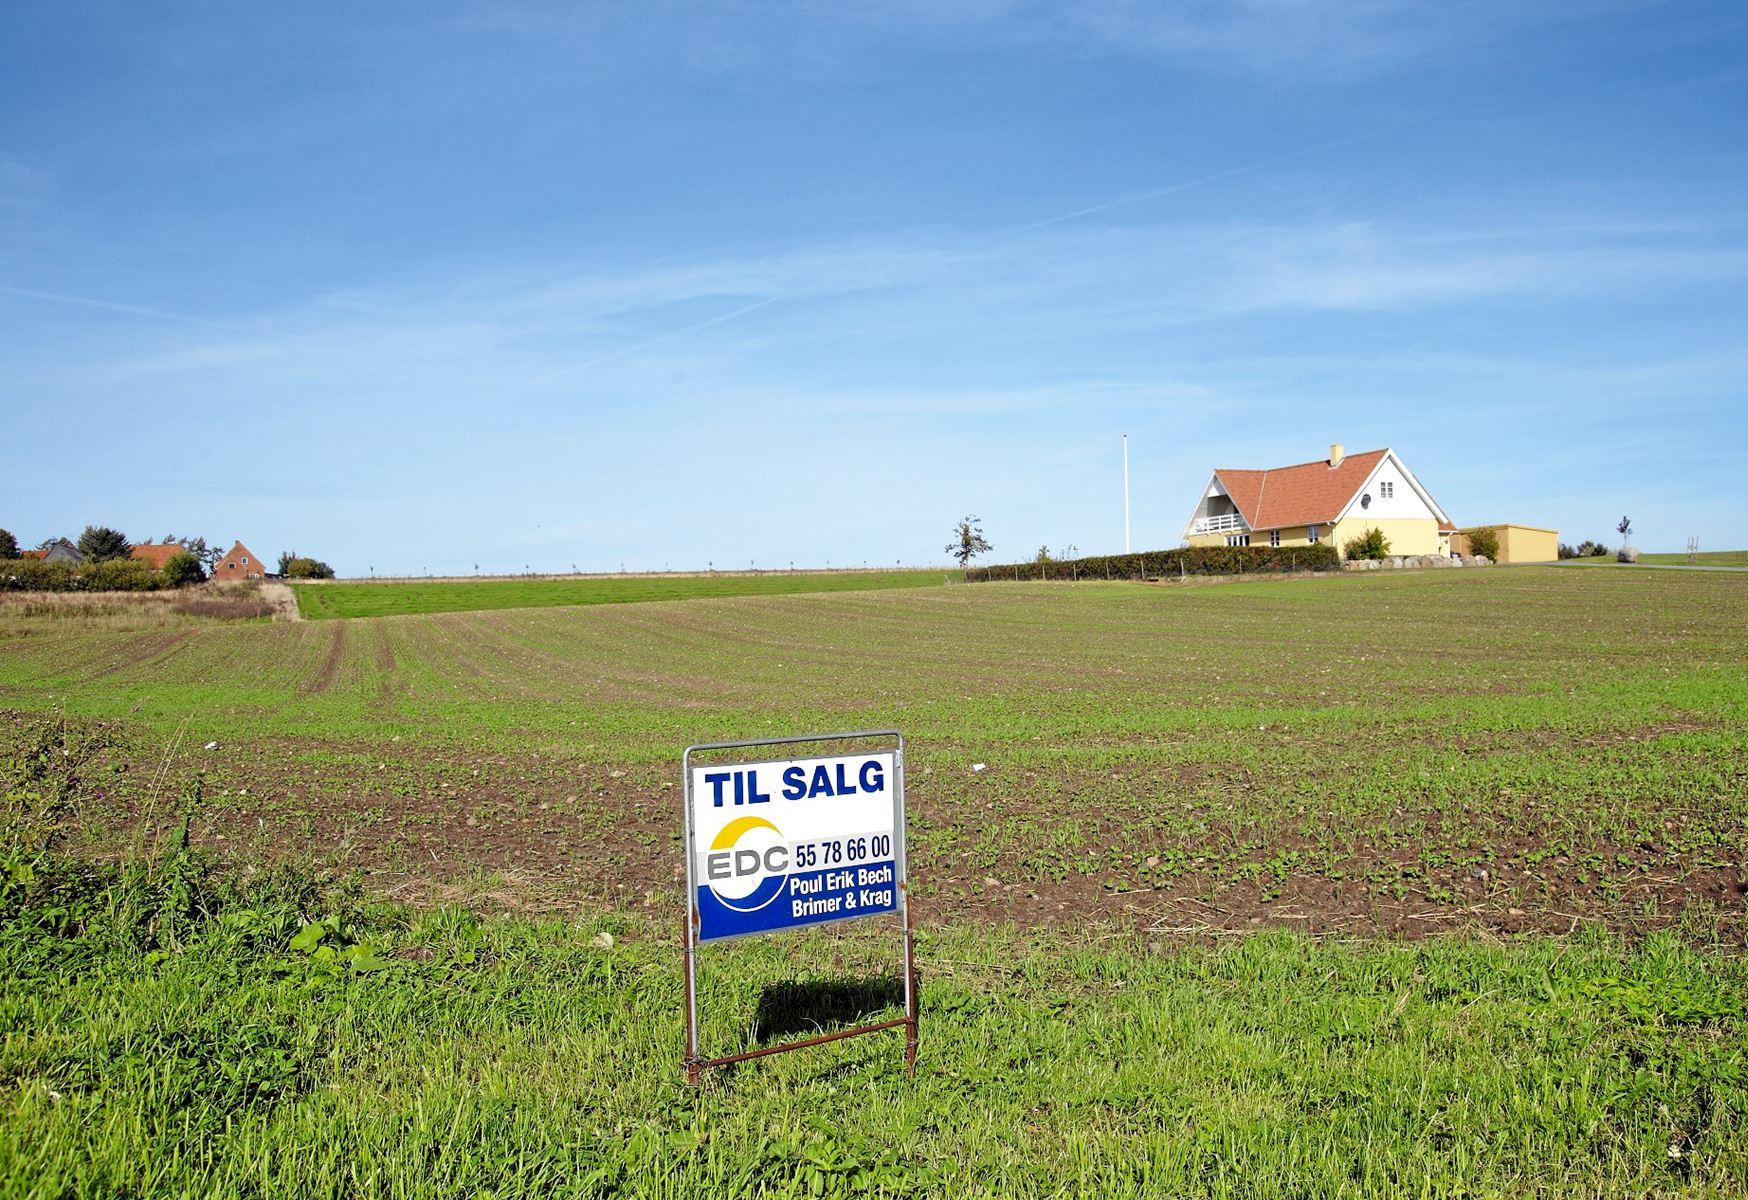 Sidste år blev der solgt 17,4 procent flere boliger i landets såkaldte udkantskommuner